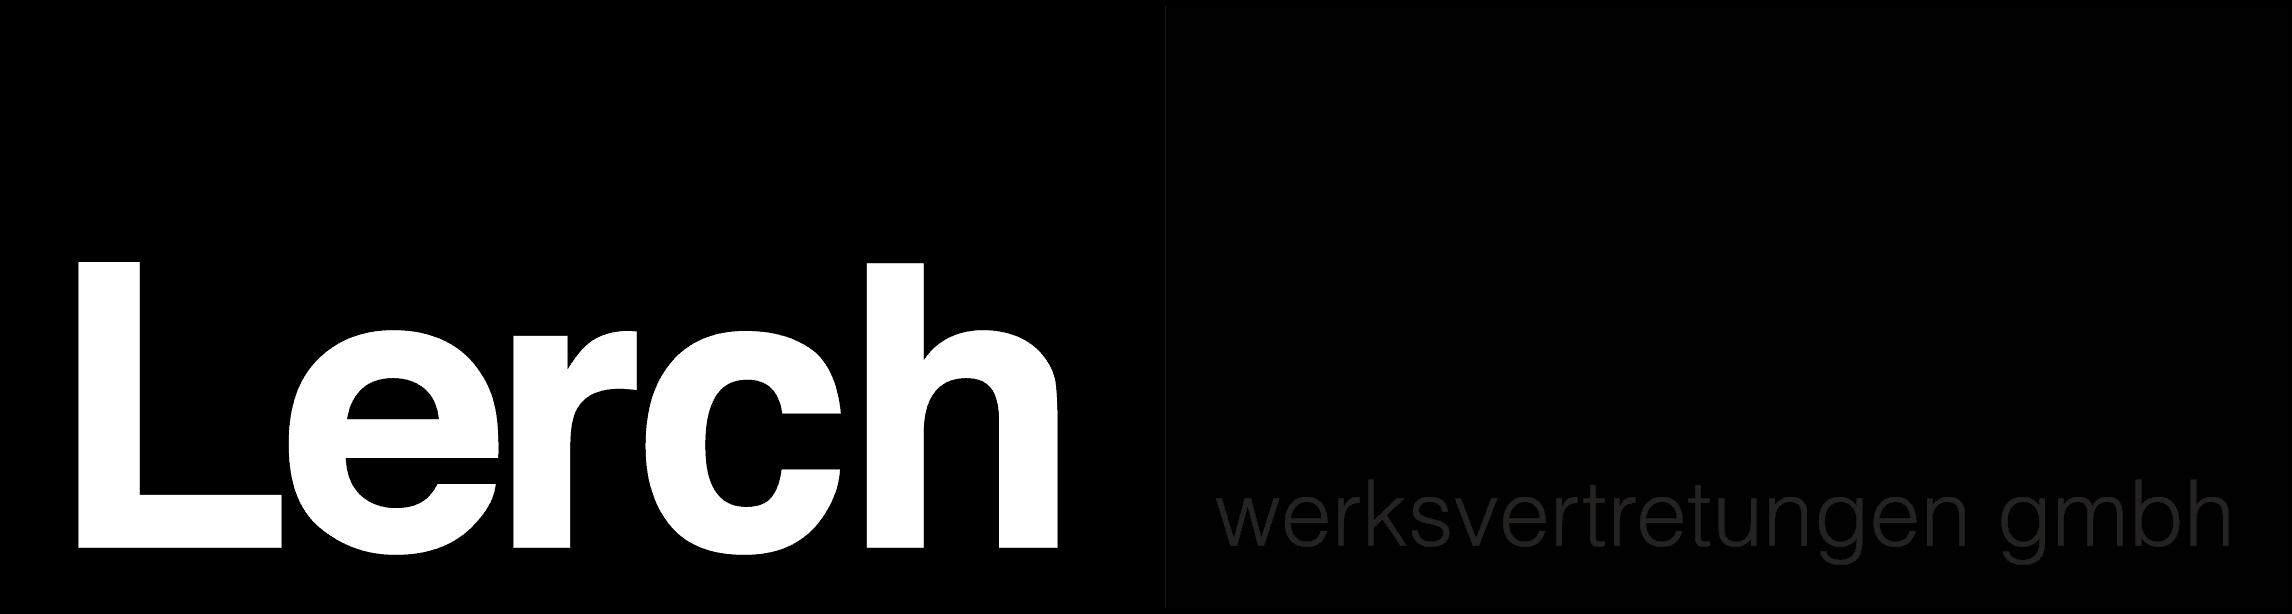 Lerch Werksvertretungen